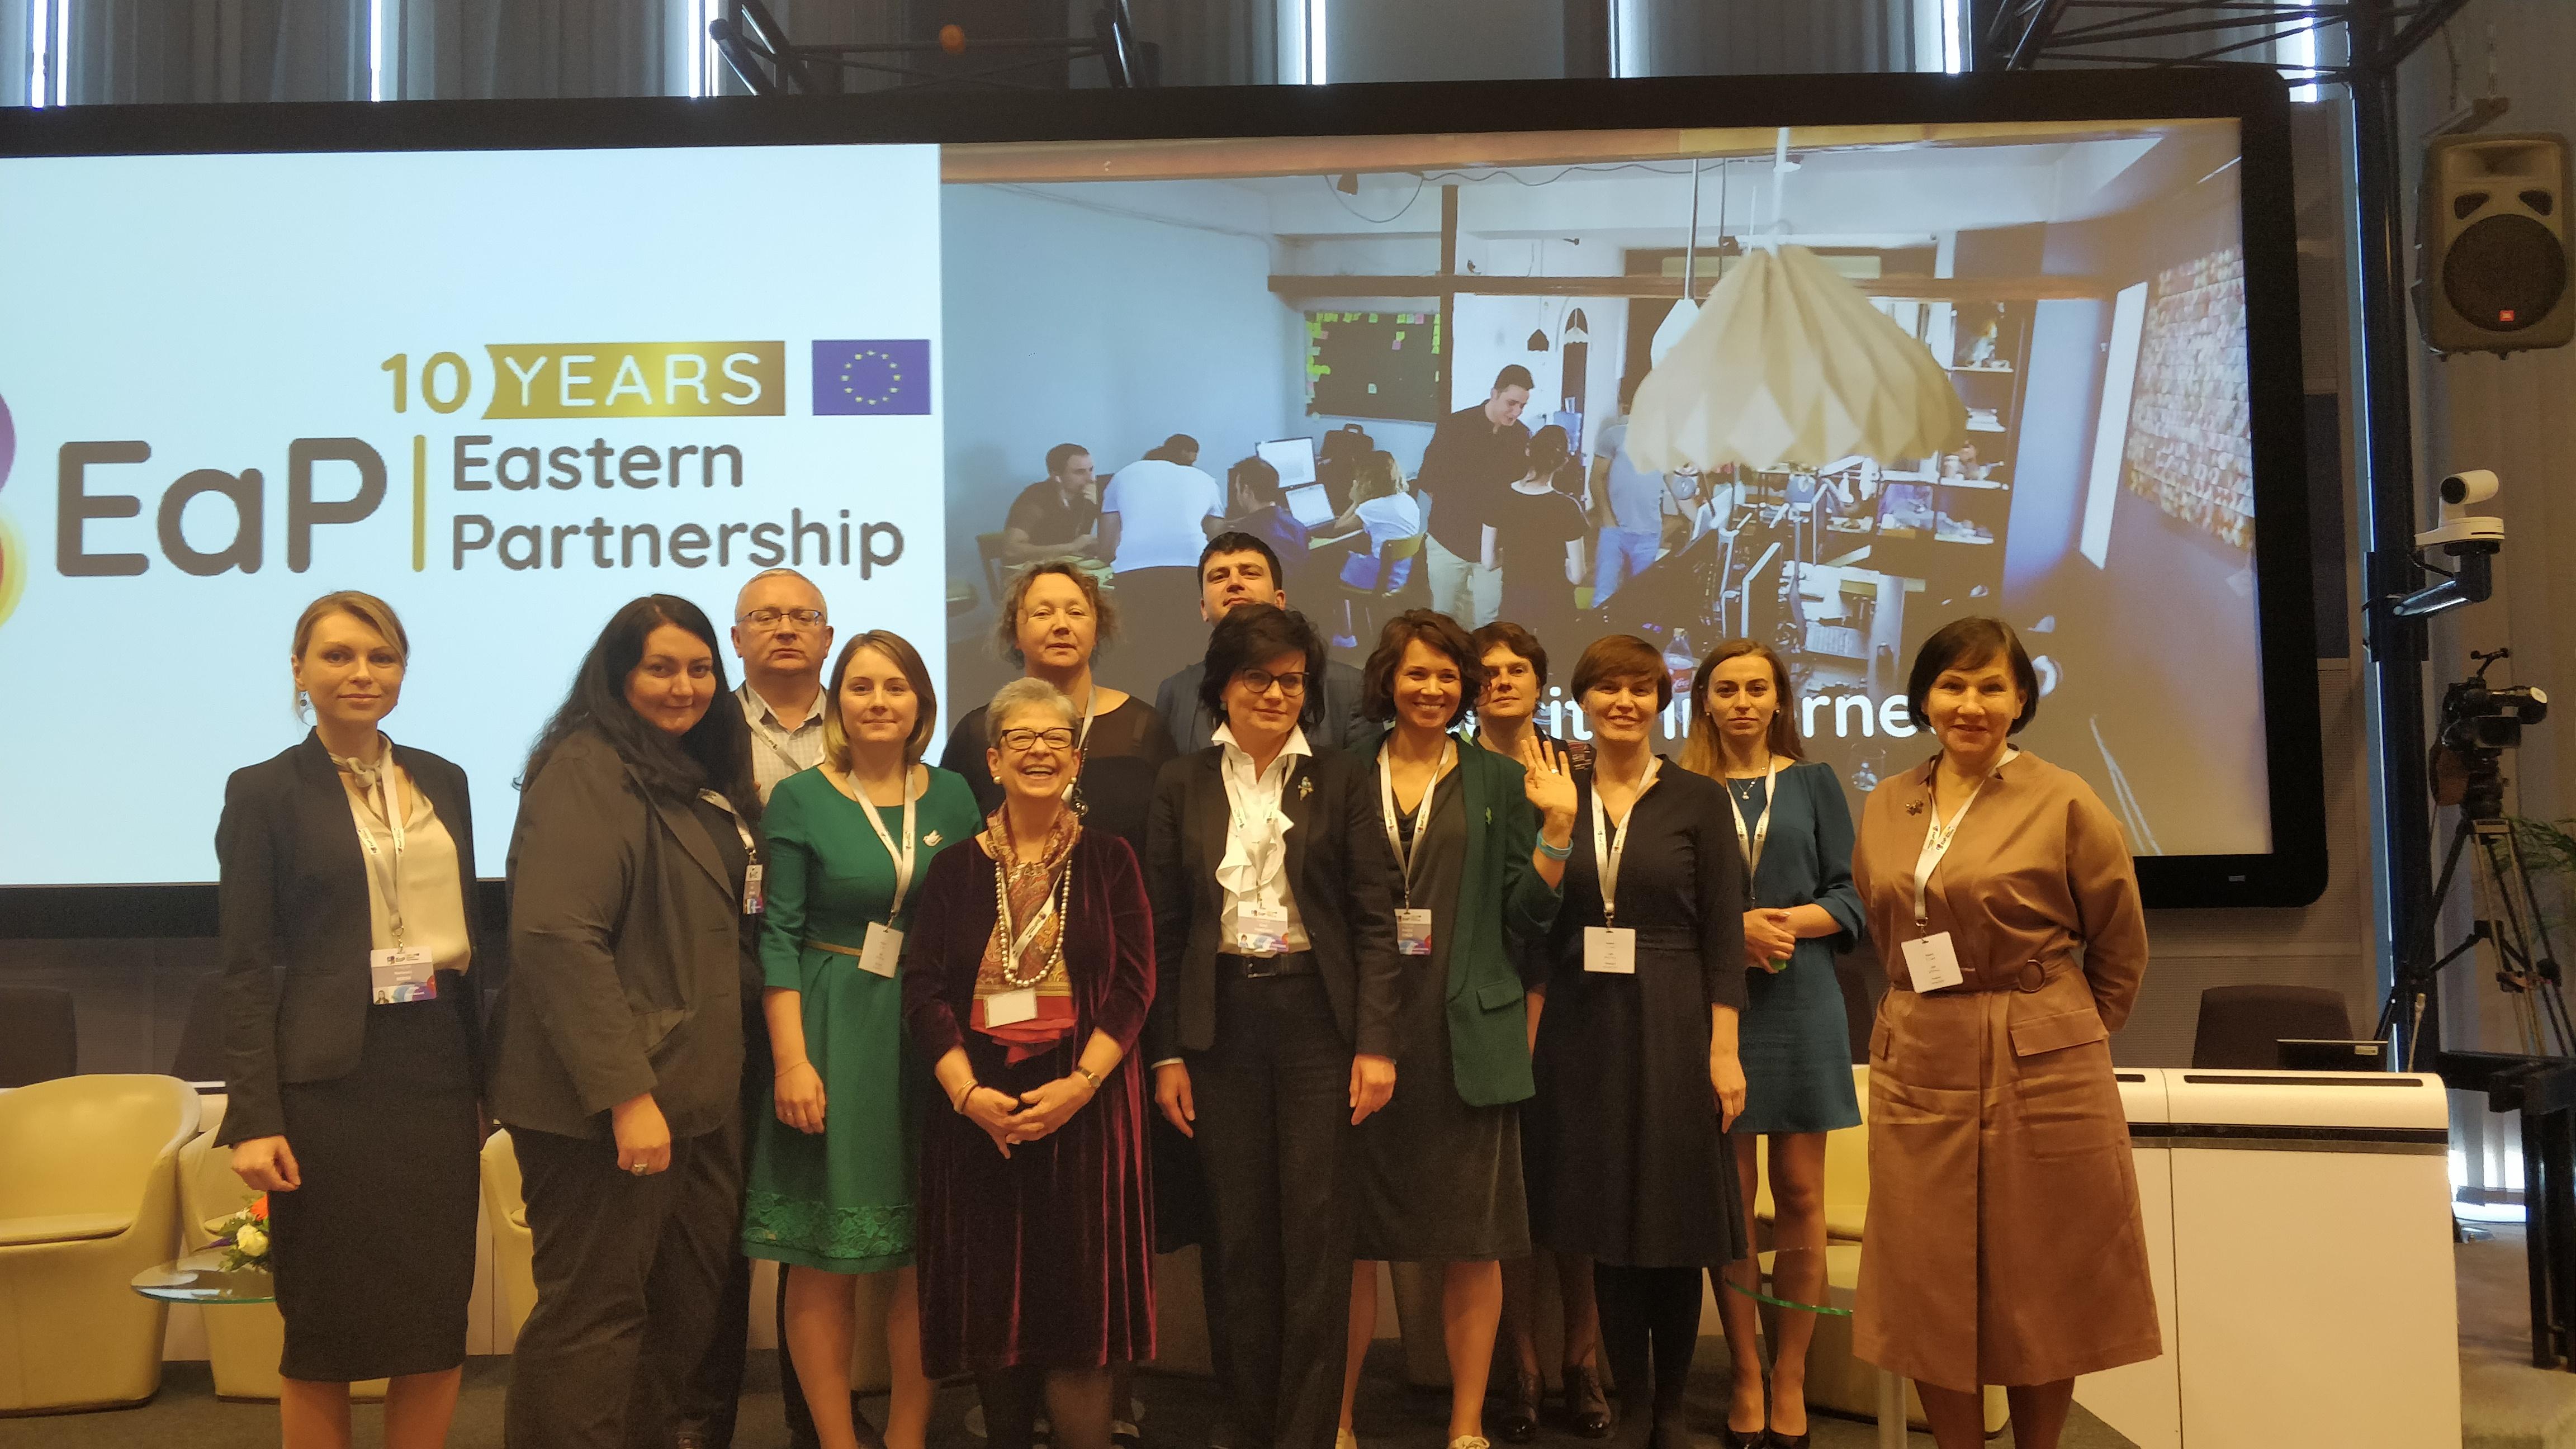 Итоги Брюссельской встречи для гражданского общества Беларуси. Мнение лидеров